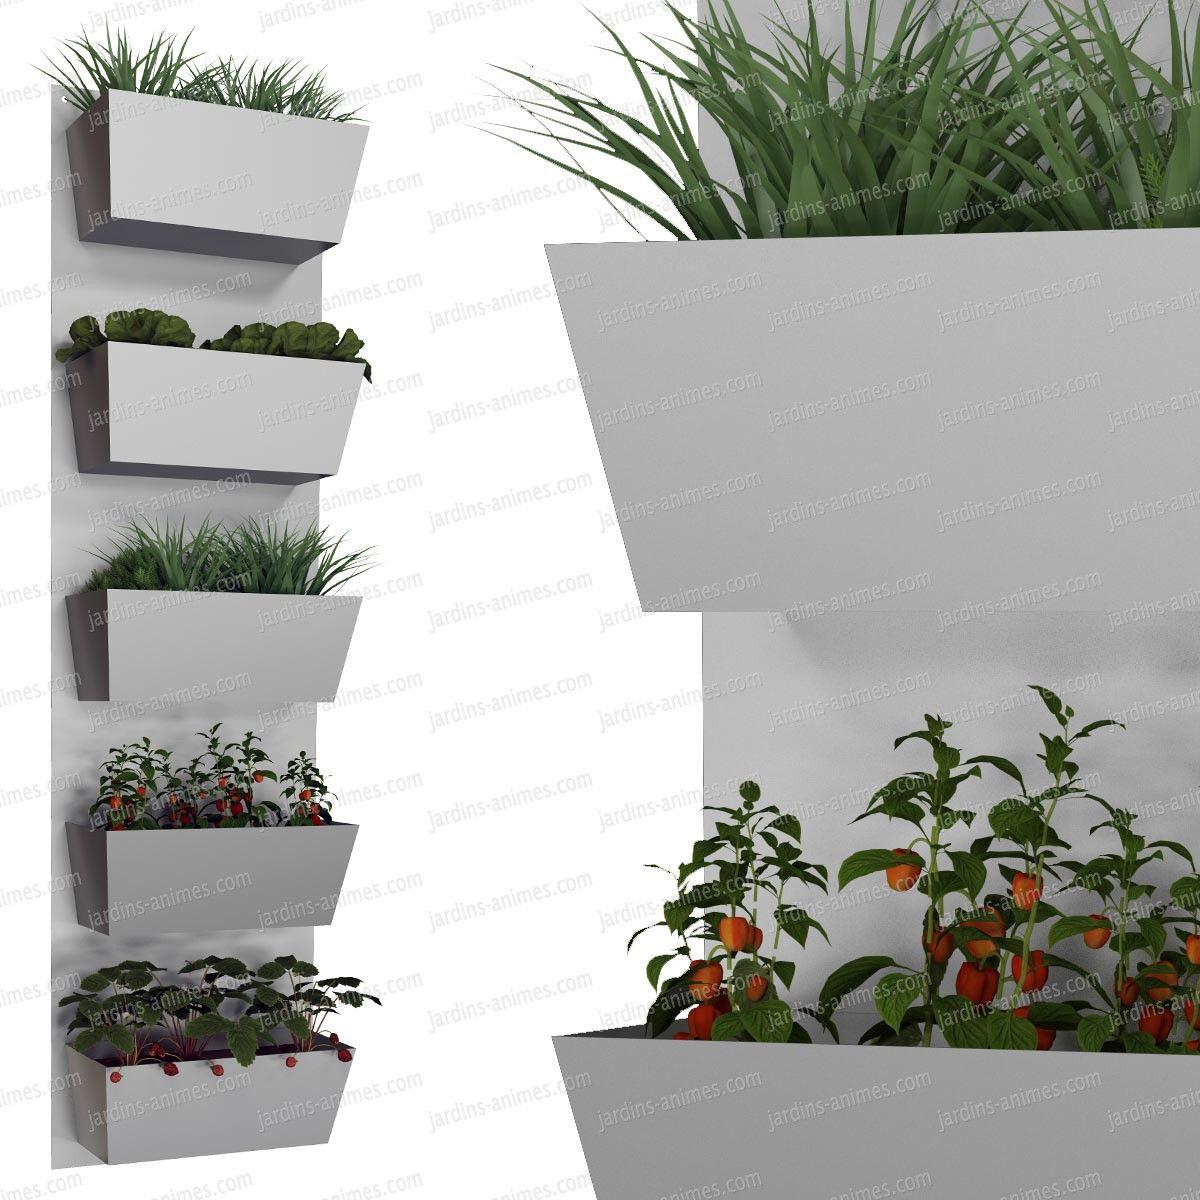 potager mural 5 bacs couleur au choix jardini re murale jardini res murales ext rieures et